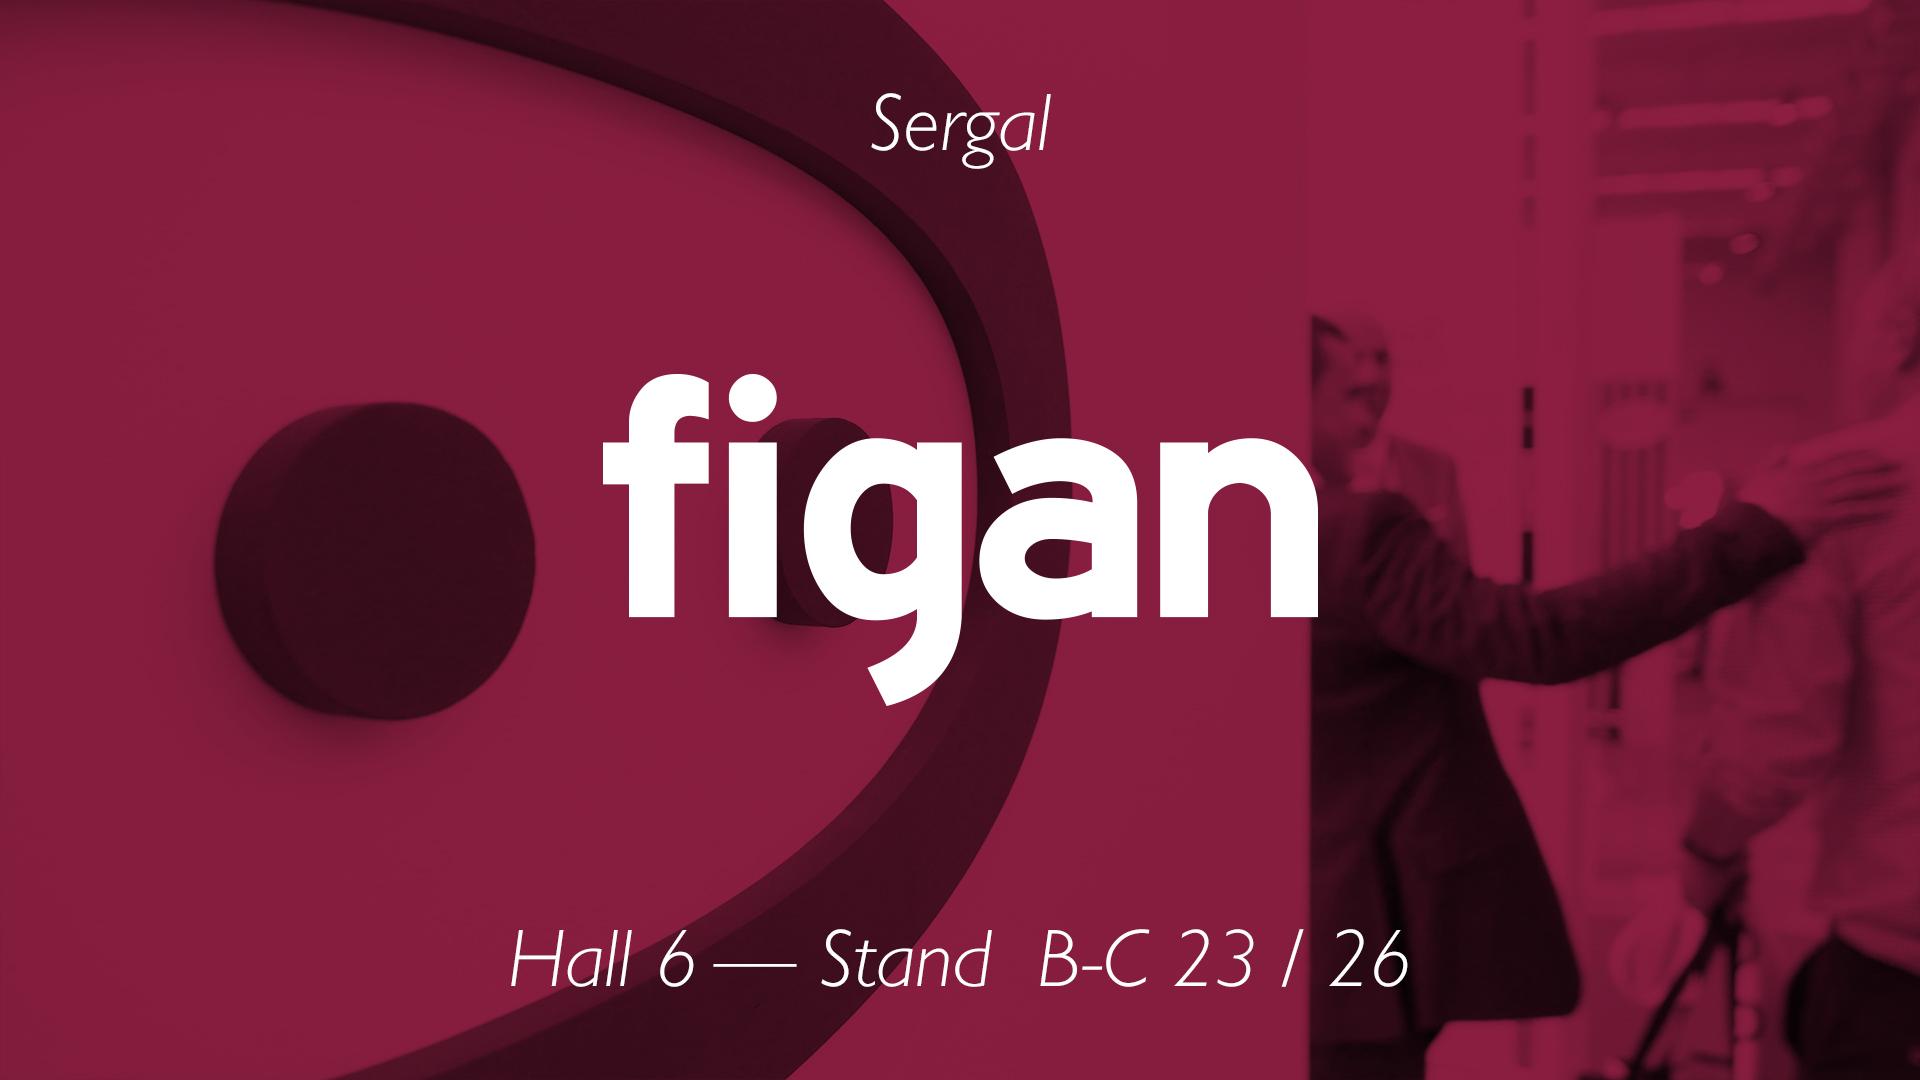 Sergal - Figan 2019